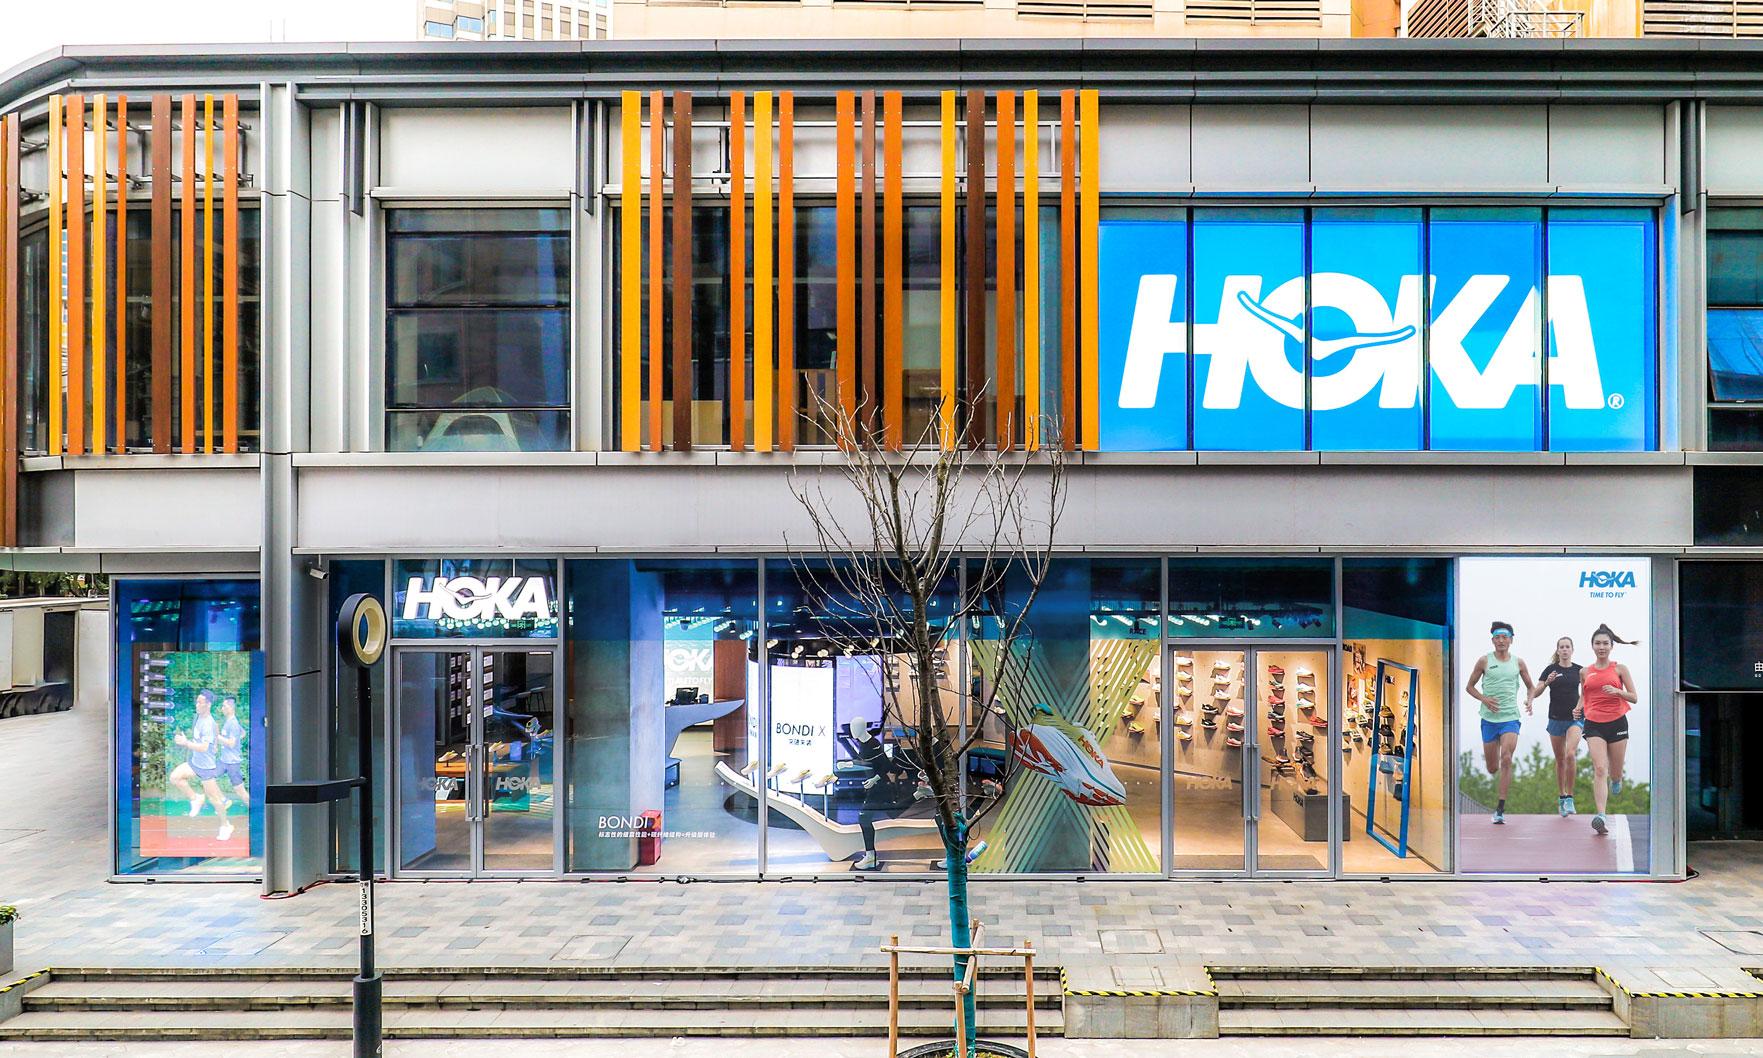 HOKA ONE ONE® 全球首家直营品牌体验店正式开业